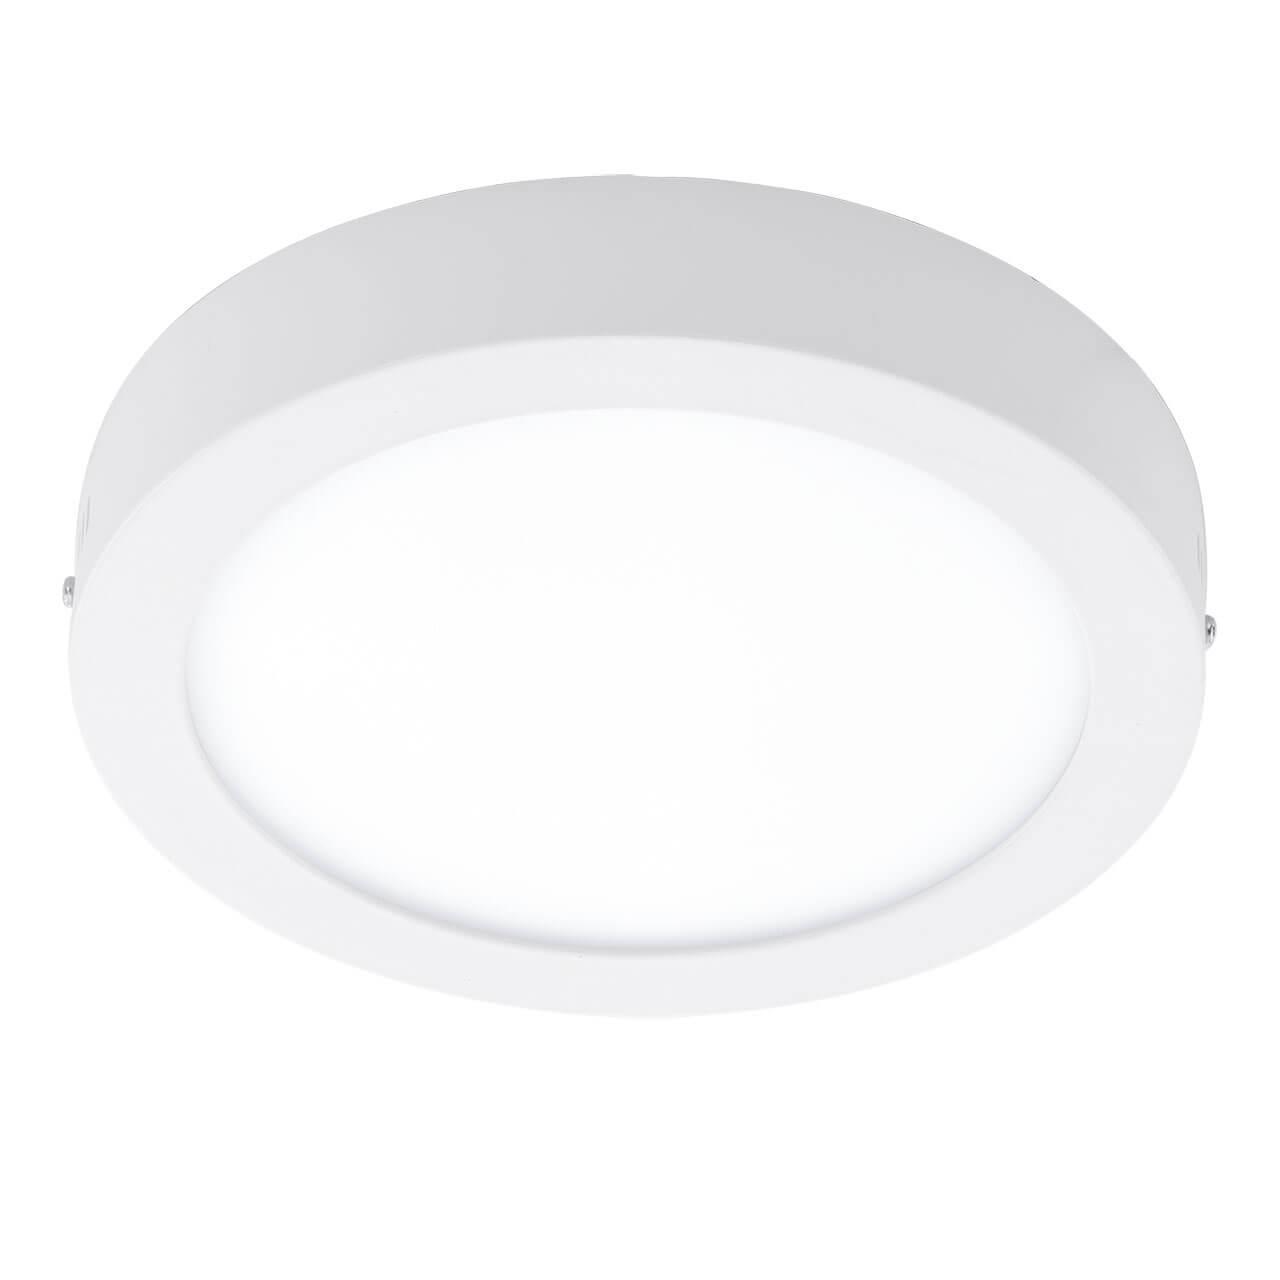 купить Накладной светильник Eglo 96669, LED, 15.6 Вт недорого